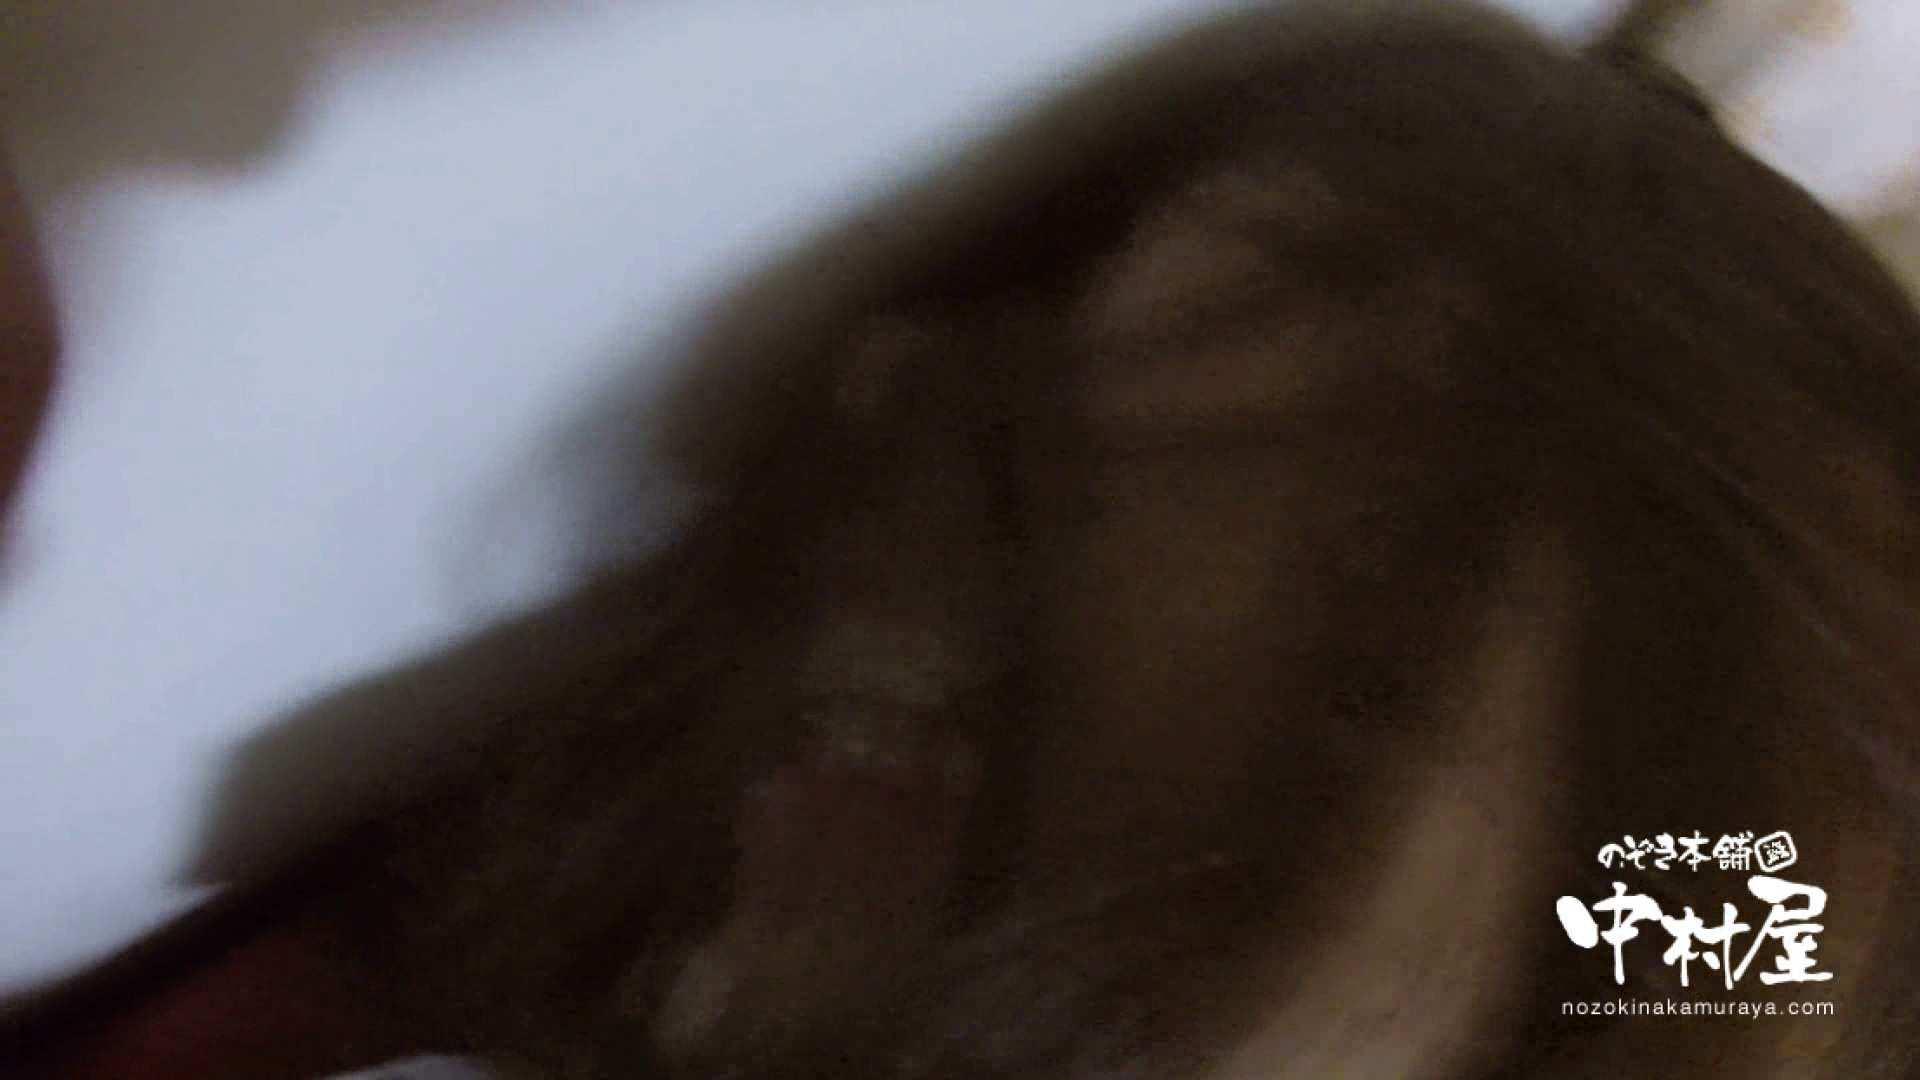 鬼畜 vol.05 誰にも言うなよ! はぃ… 後編 OLエロ画像  99PICs 18